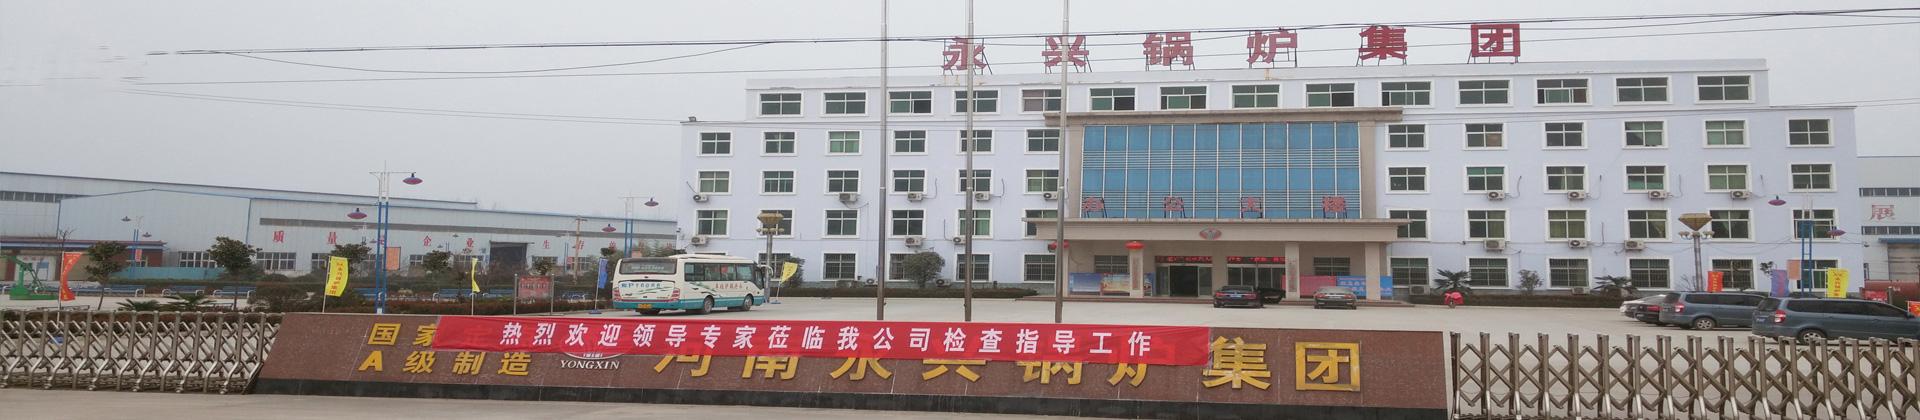 永兴锅炉集团